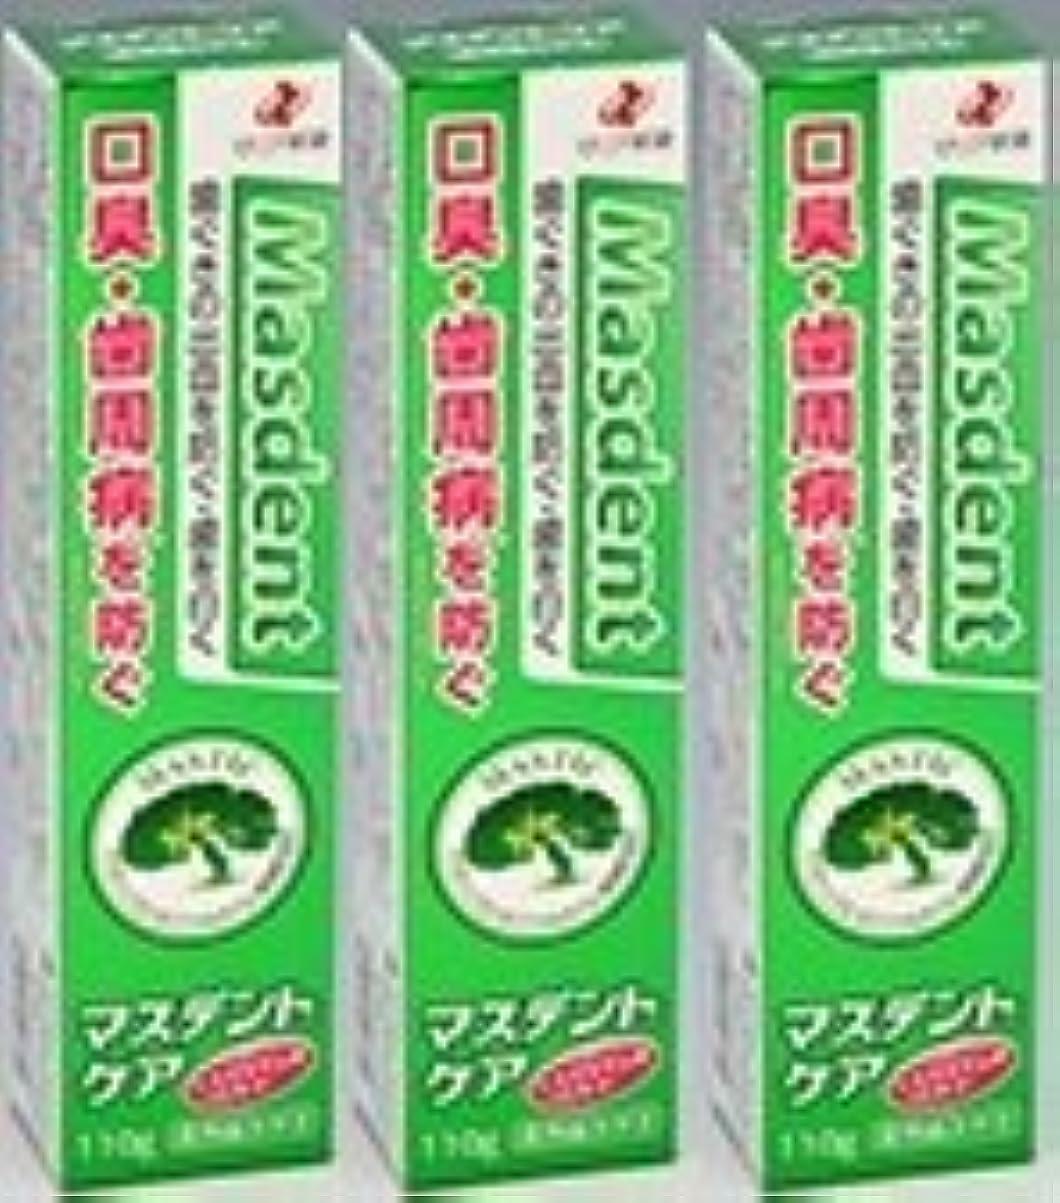 薬用歯磨き マスデントケア110g×3本セット